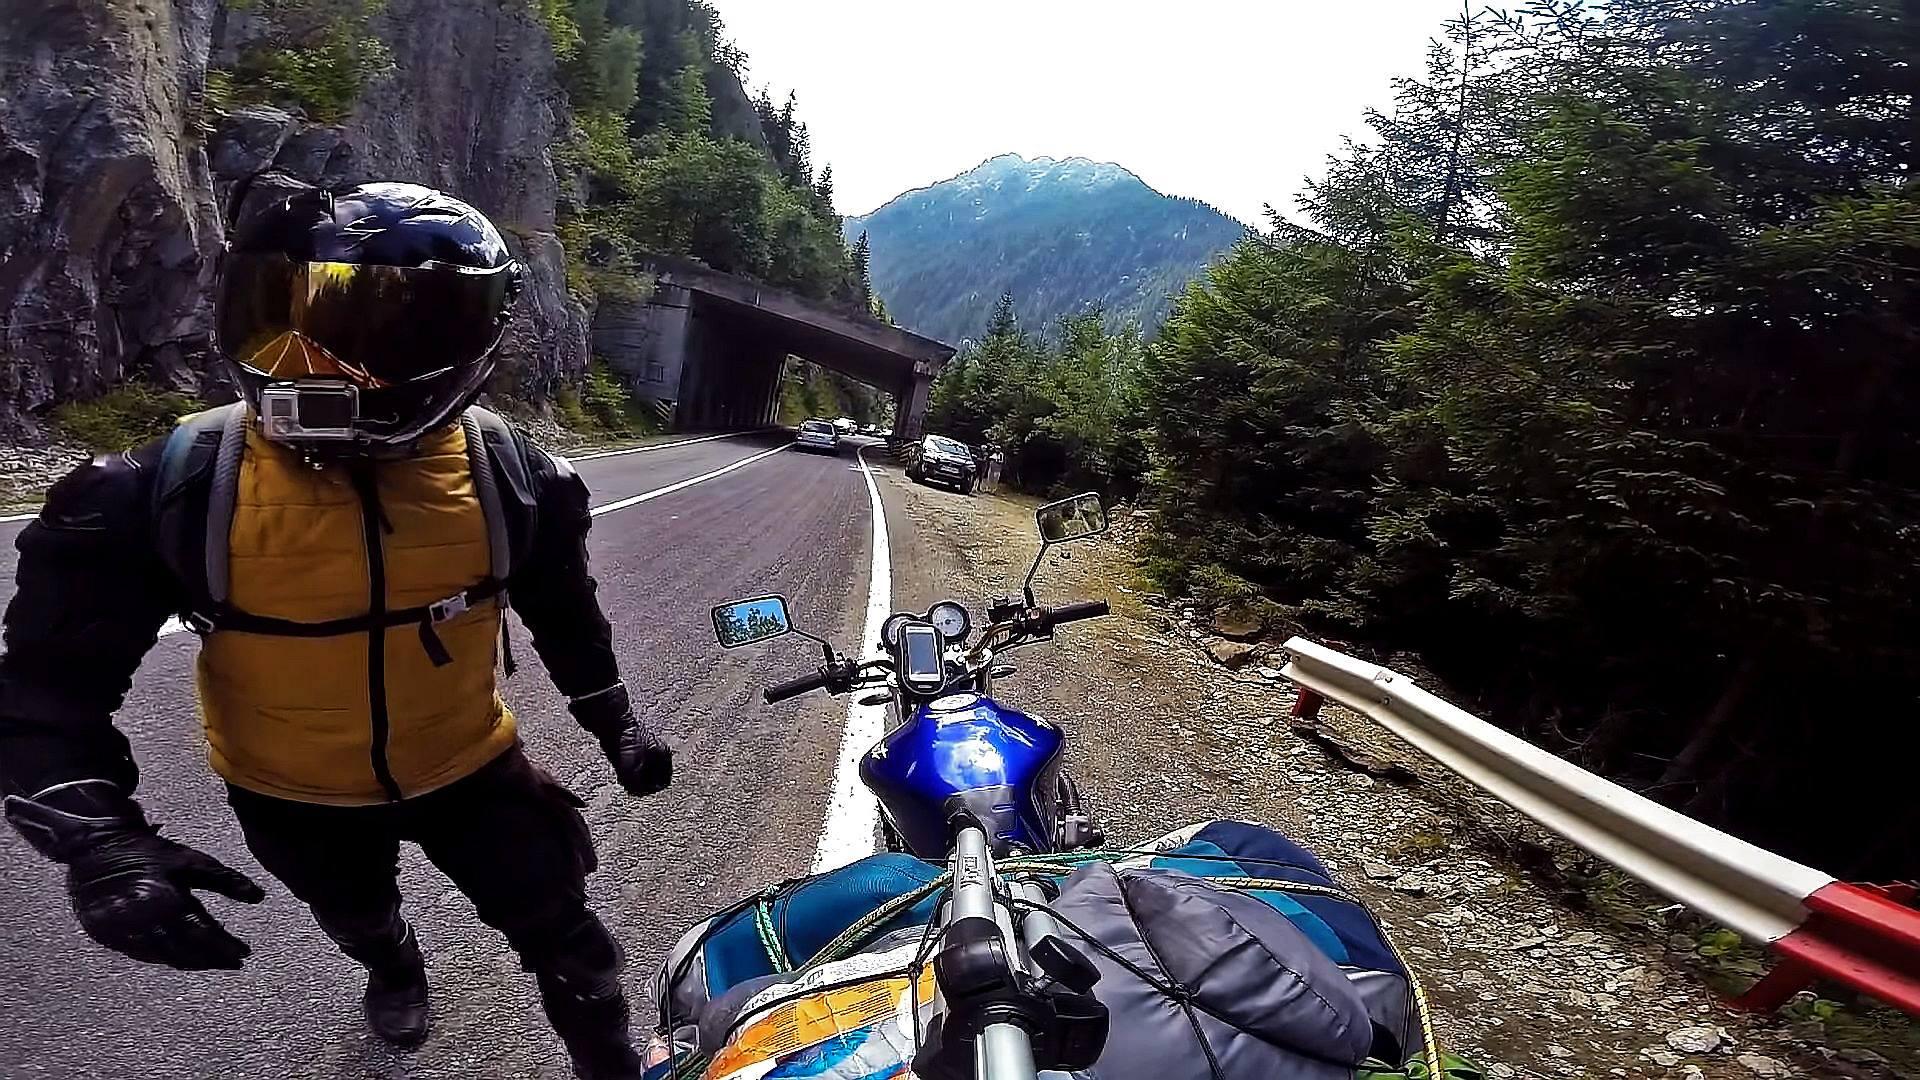 """[Jurnal de călătorie] Despre o călătorie de 1.700km pe la noi prin țară cu cortul și puțin despre motovlogging cu """"Pidu"""""""